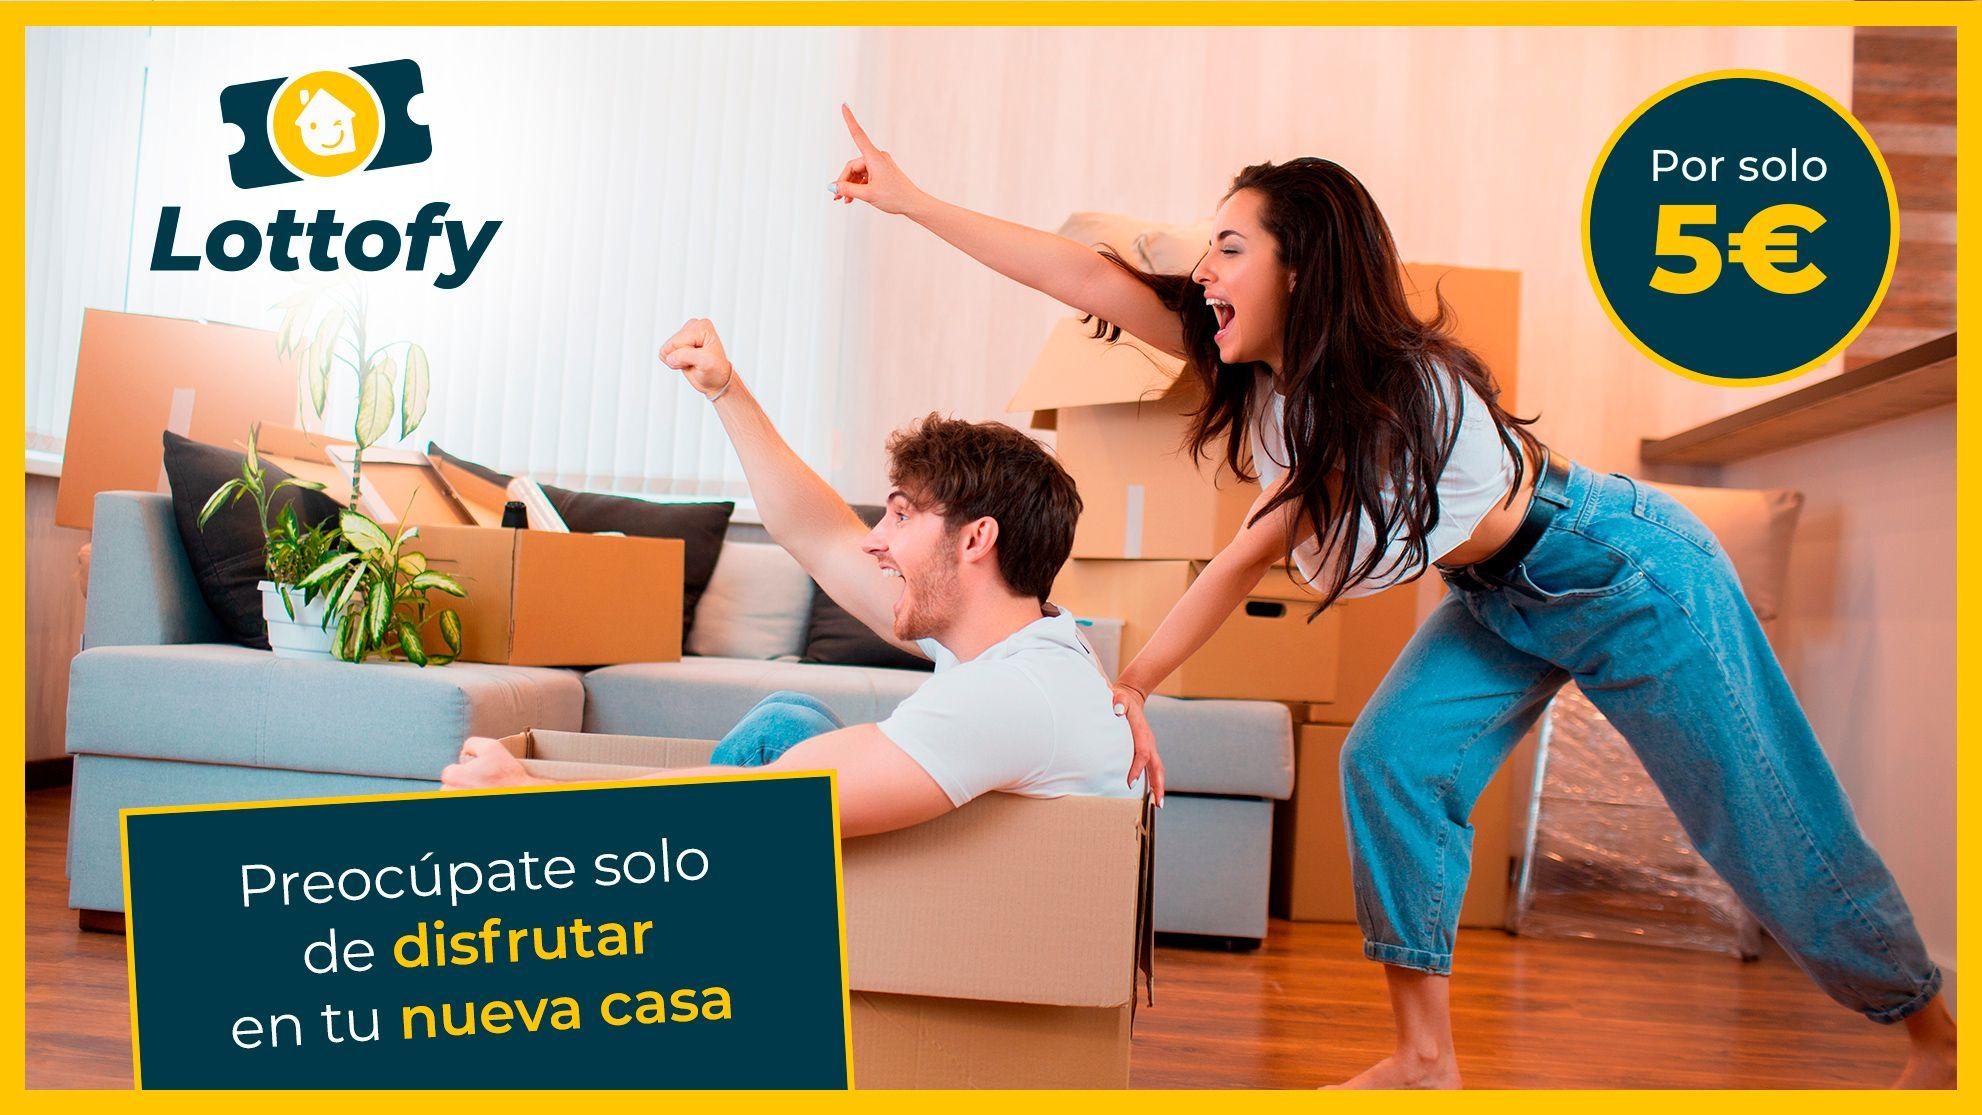 Llega a España Lottofy, el nuevo sistema de sorteo online de viviendas